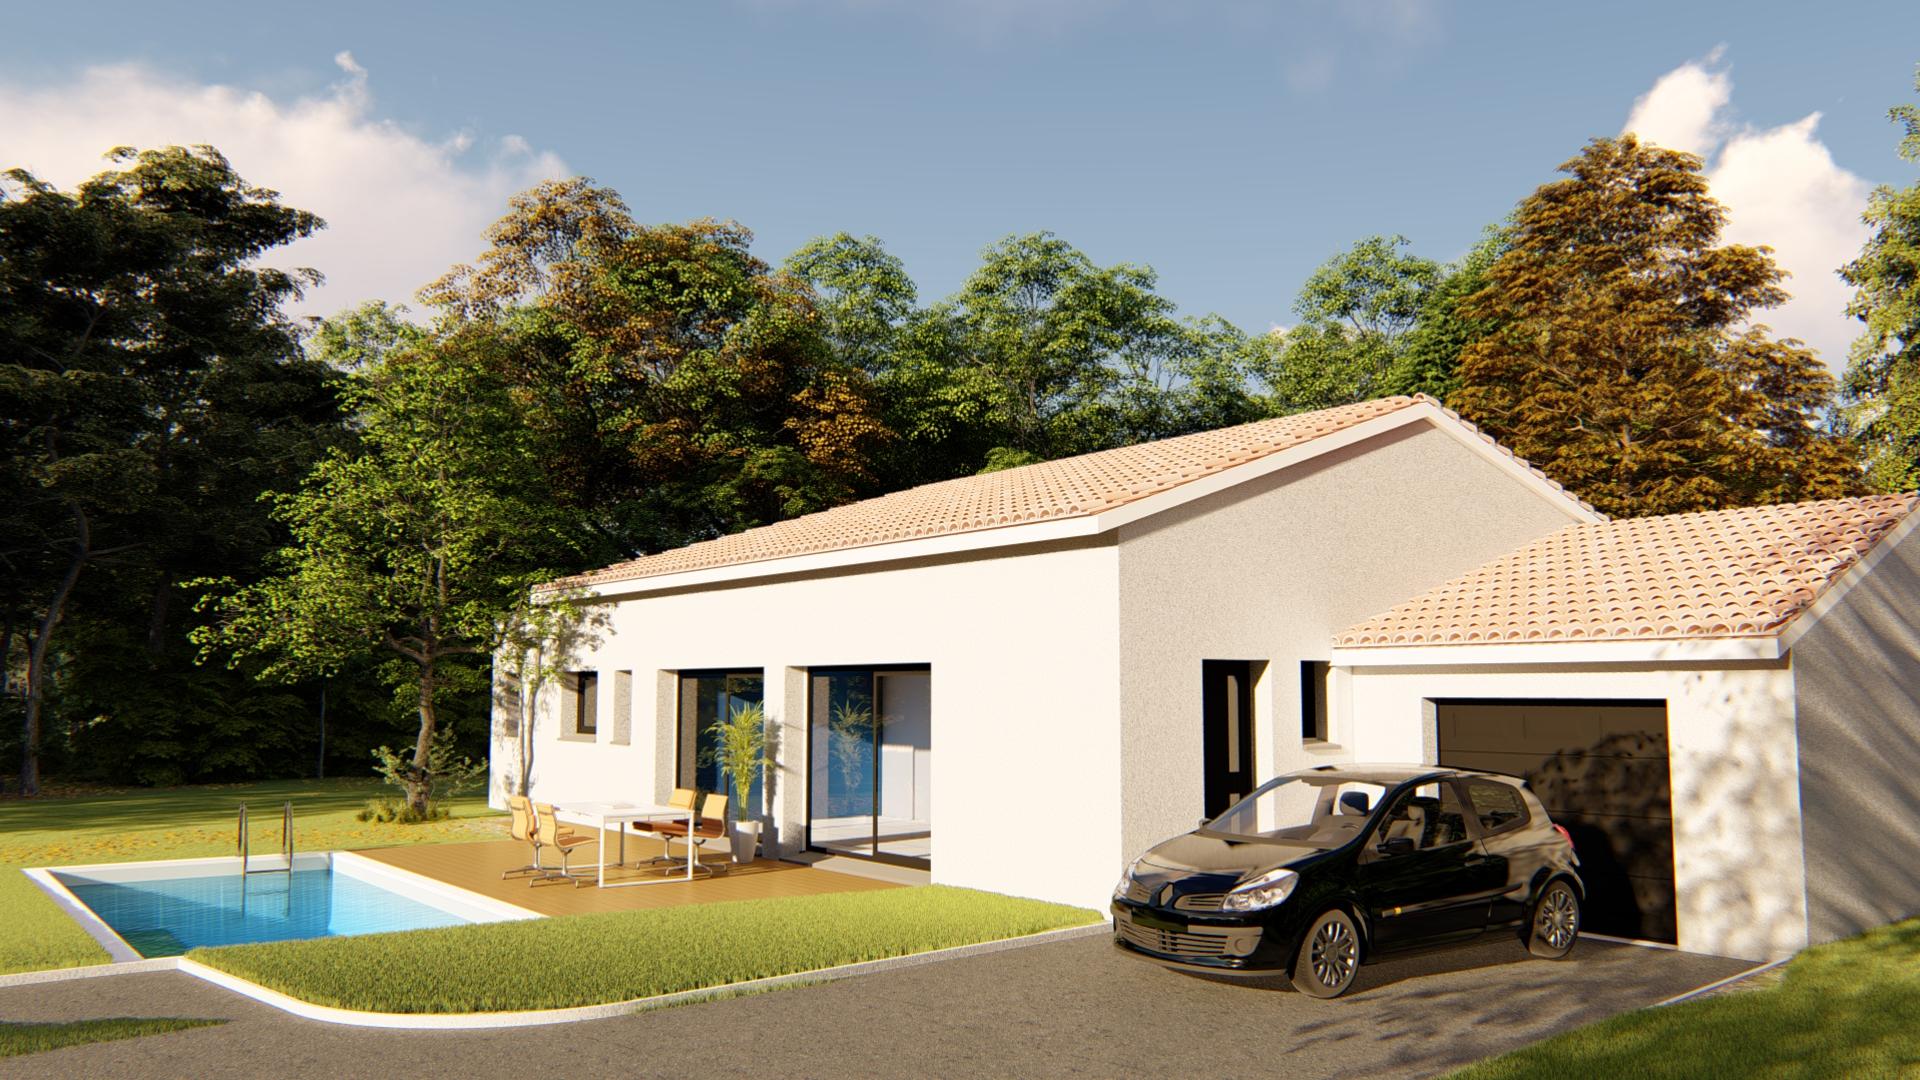 Maisons + Terrains du constructeur VILLAS SUD CREATION • 124 m² • TOURNEFEUILLE